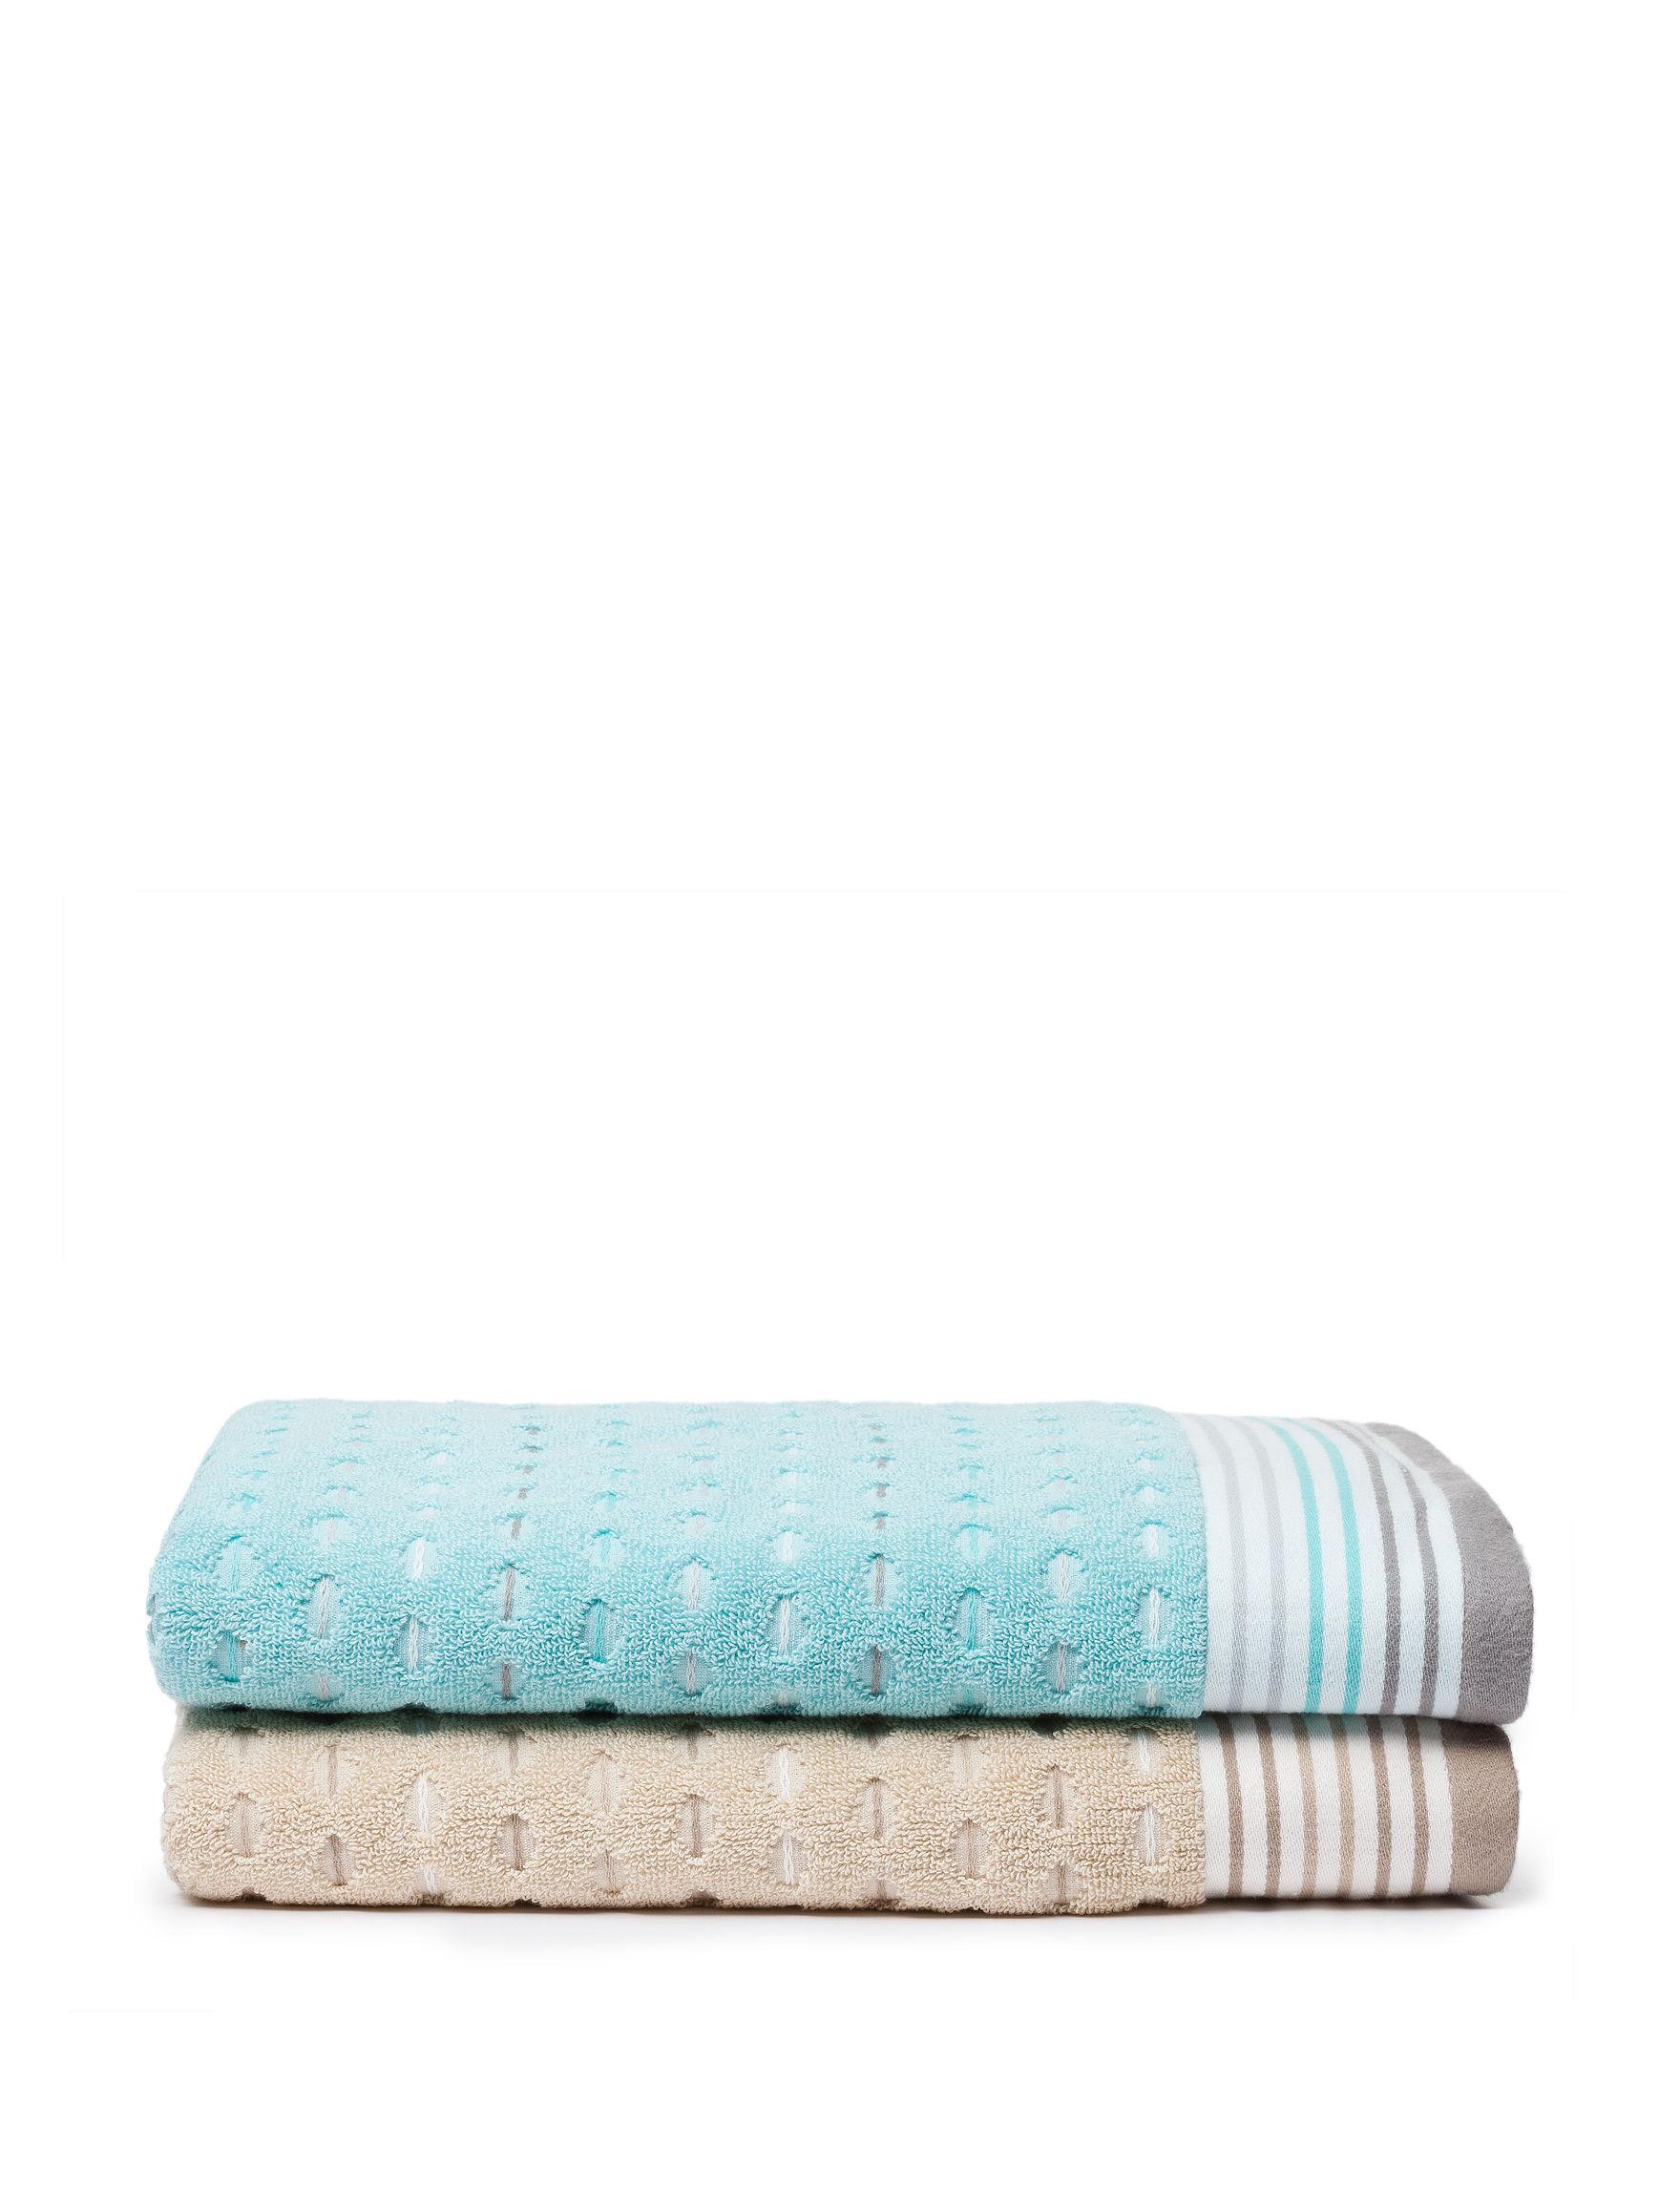 Great Hotels Collection Aqua Bath Towels Towels